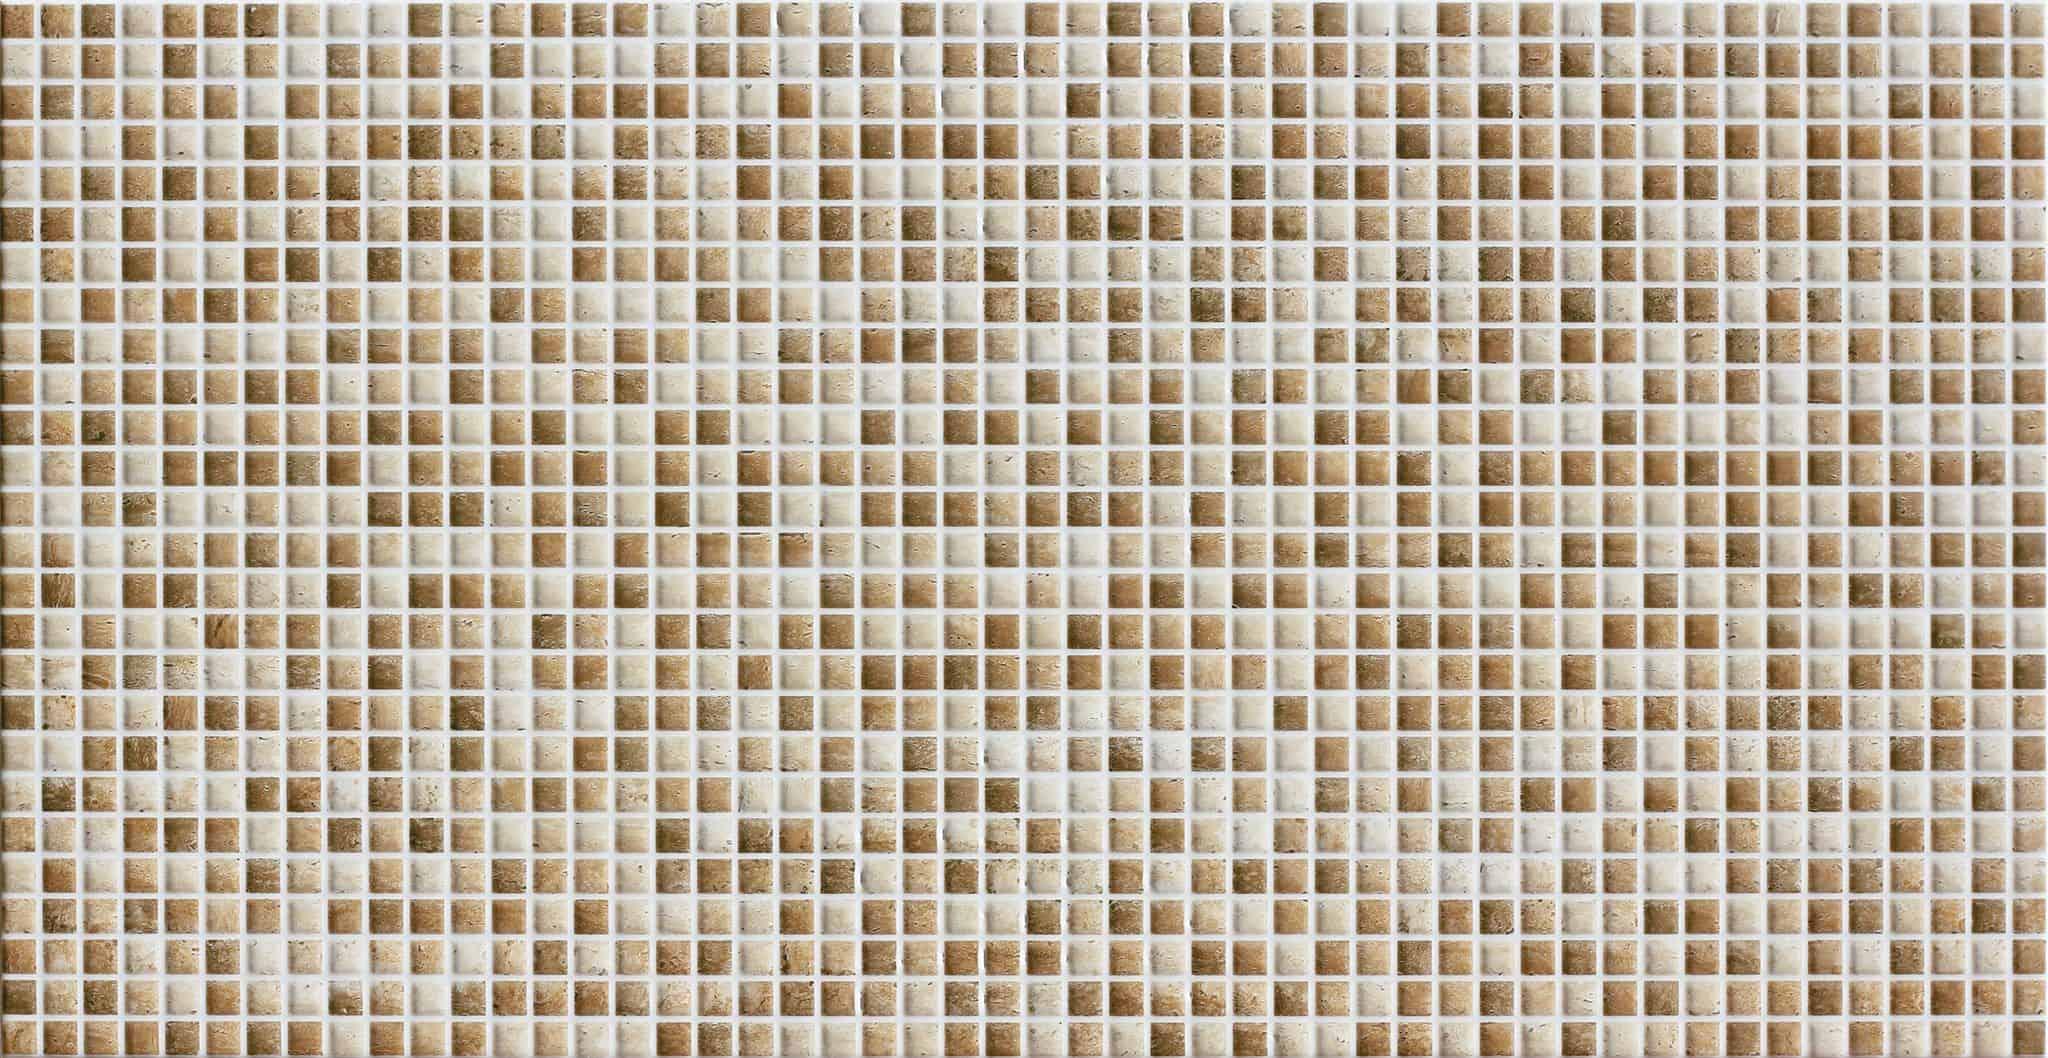 Faianță pentru baie Saloni Tivoli Mosaico Crema Brillo 310x600 texturată și lucioasă bej / 5